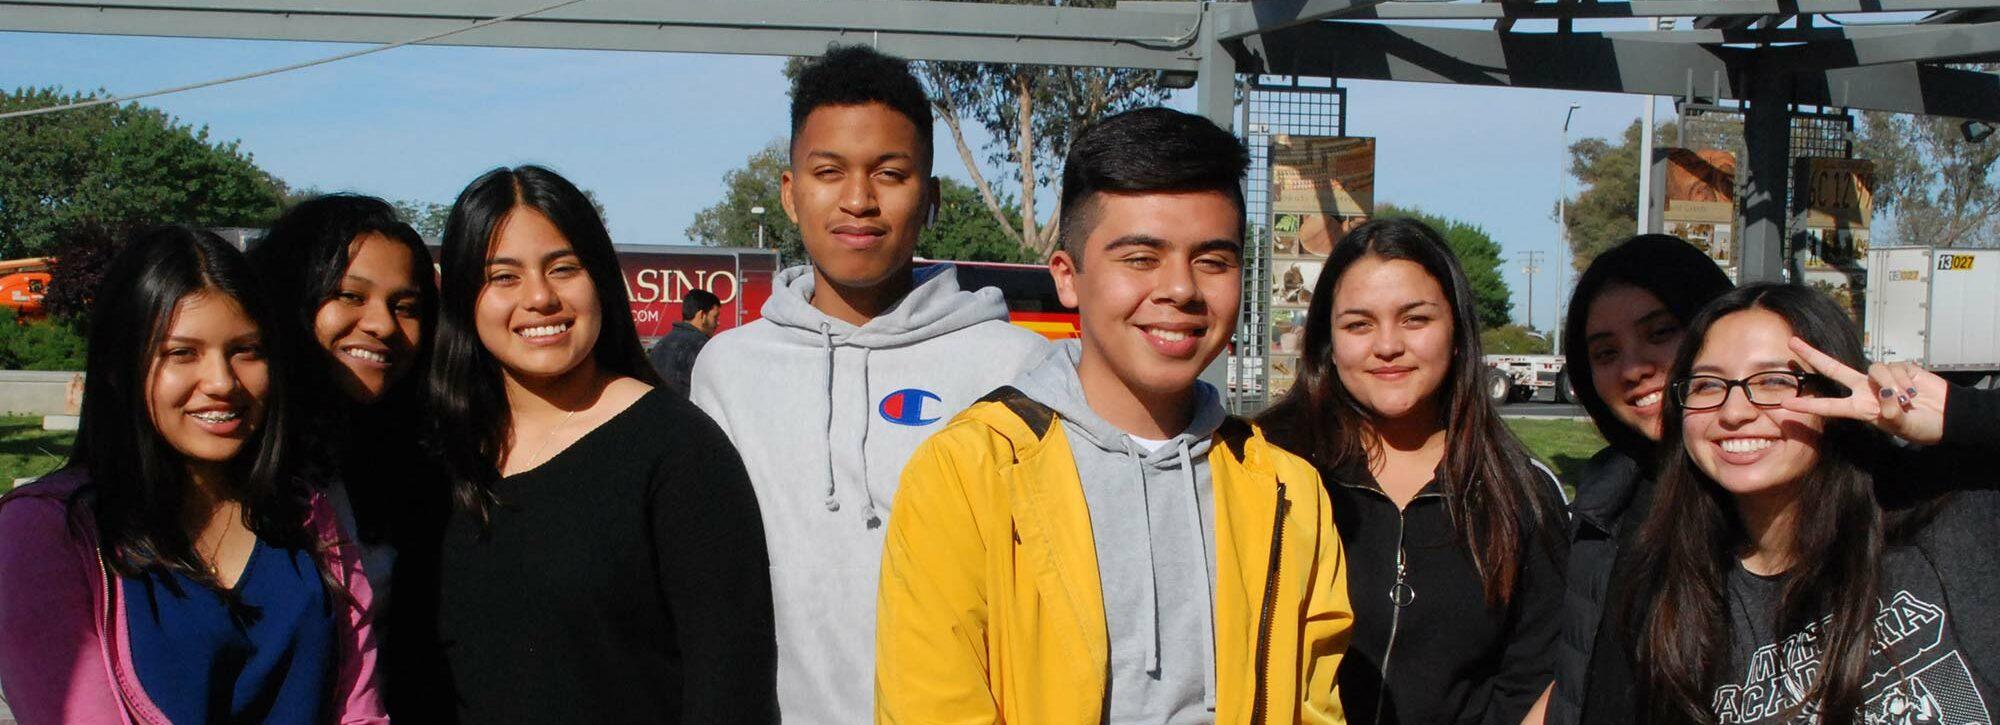 GEAR UP 4 LA Students